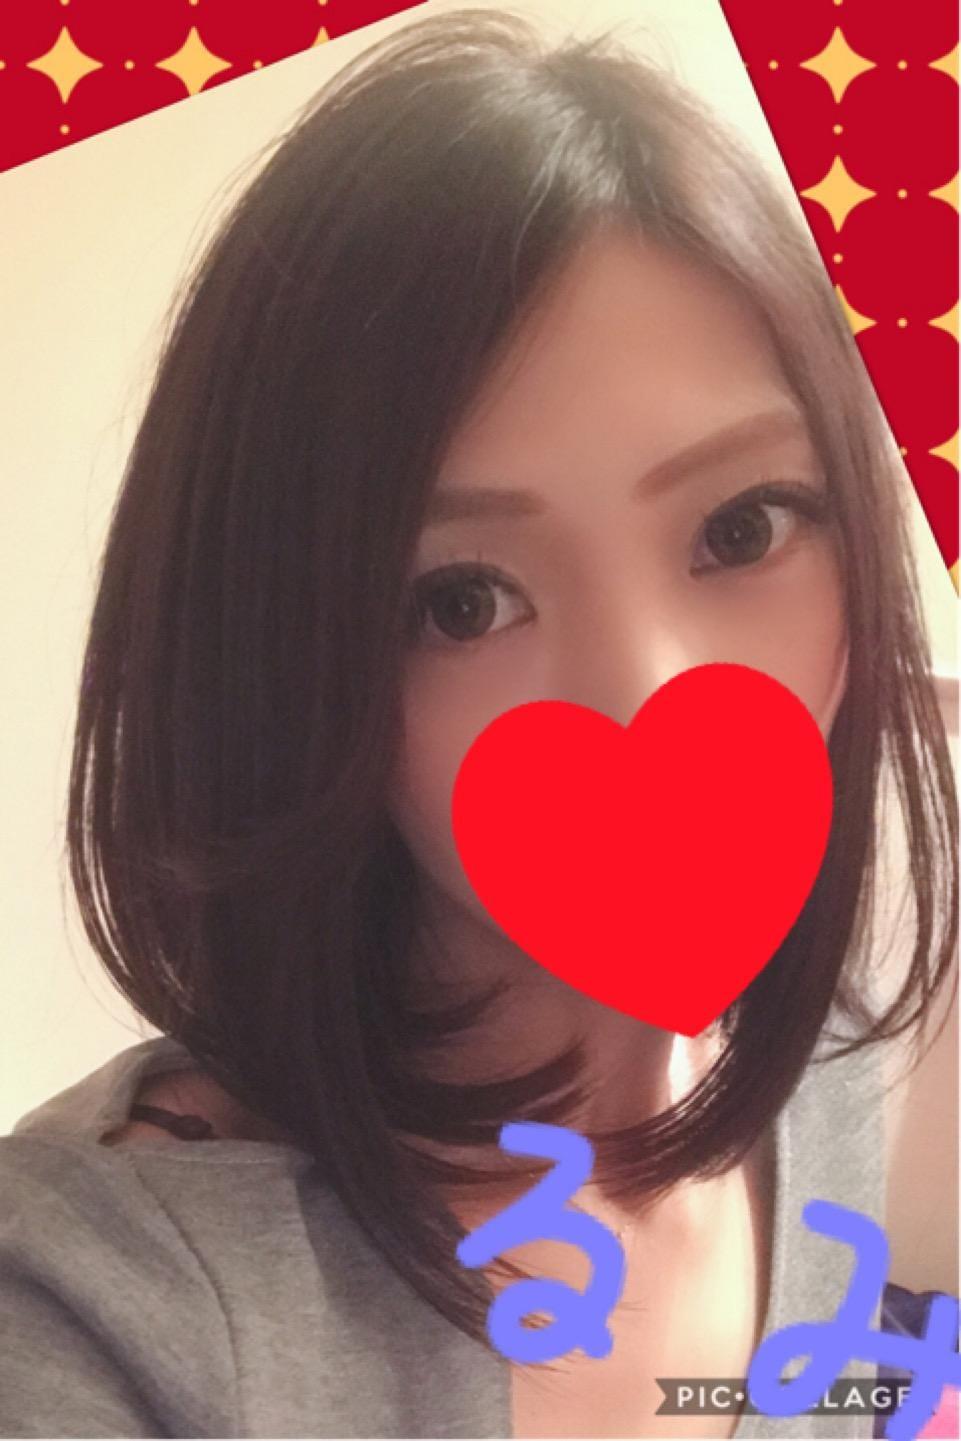 「お久しぶり」11/19(火) 21:32   るみの写メ・風俗動画